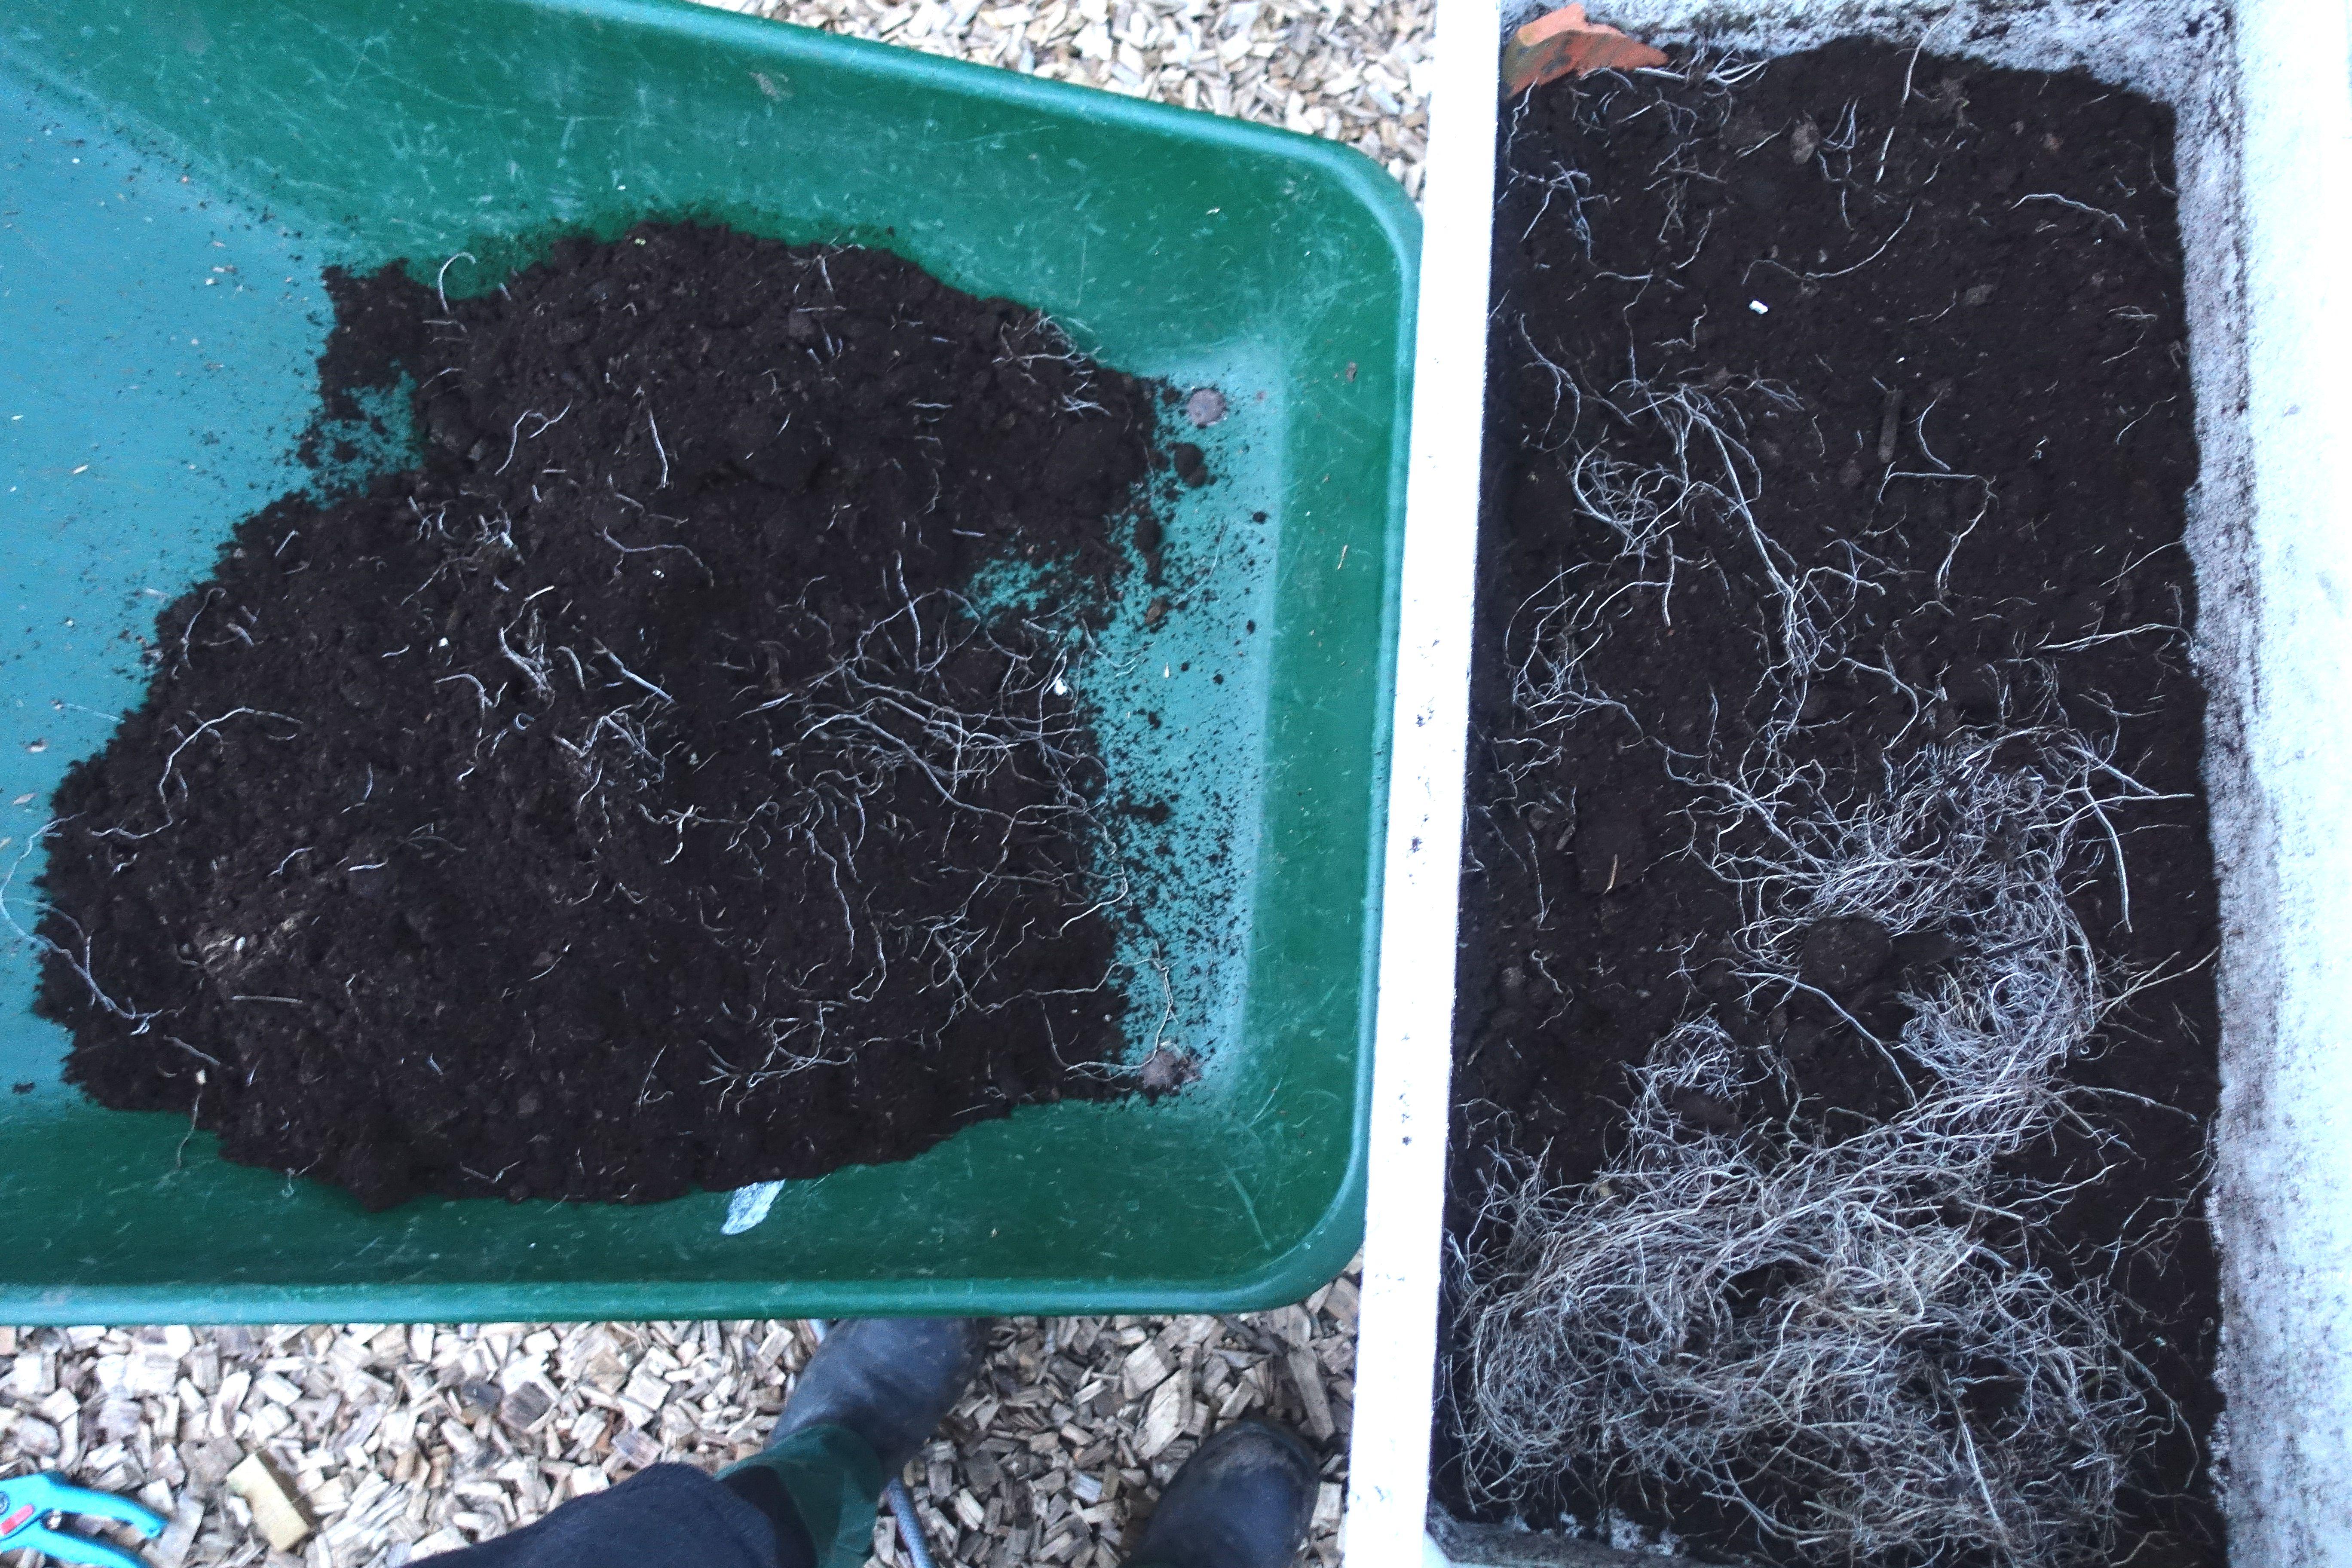 En frigolitlåda står på en skottkärra, med jord och växtmaterial i botten. Quick compost, styrofoam on a wheel barrow.